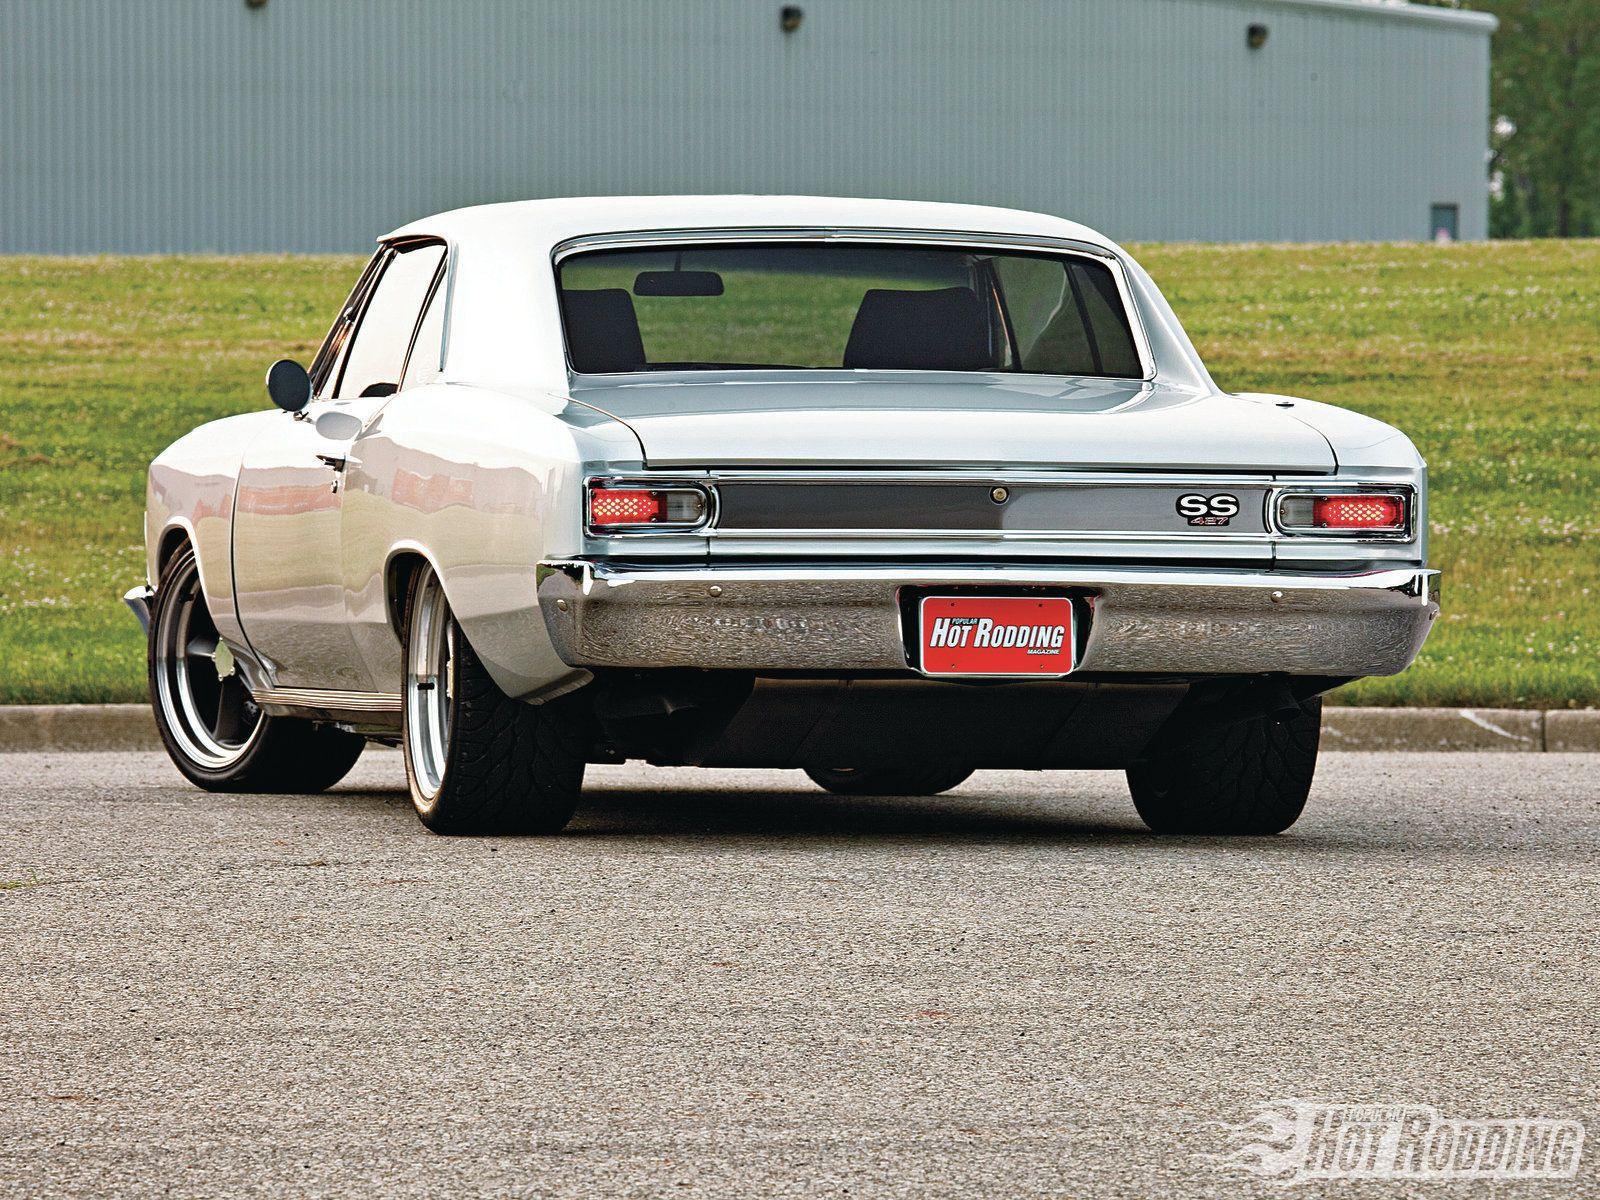 1966 Chevelle Malibu Hot Rod Network Muscle Cars Classic Cars Muscle Chevy Muscle Cars